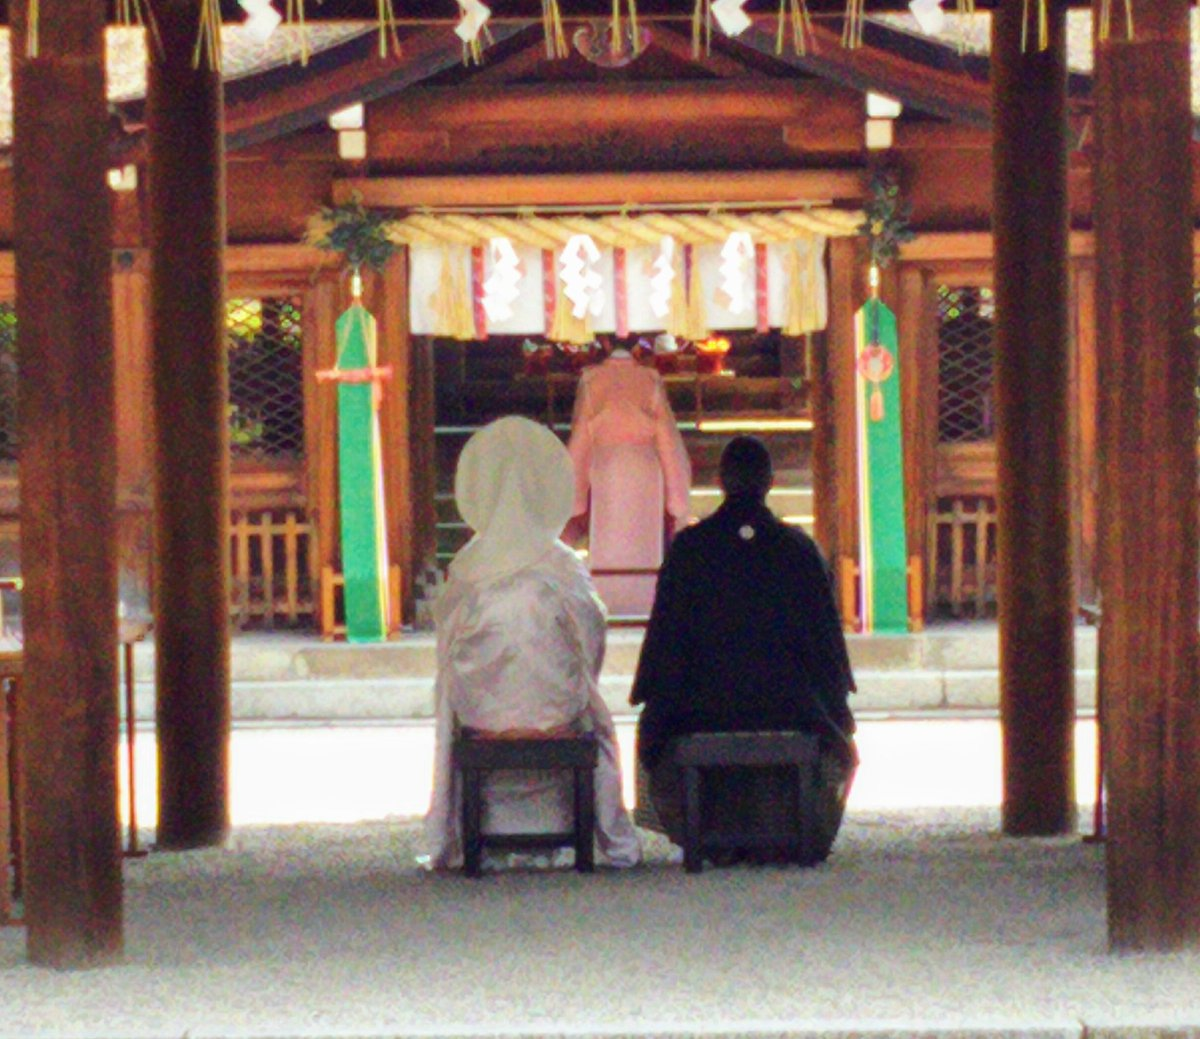 【豊国神社神前結婚式】今日当社で挙式された新婦さんは審神者でばみくん推しとのこと。そのご縁で当社での結婚式をご希望下さいました。とってもうれしく思います。お二人の末長いお幸せをお祈り致します。